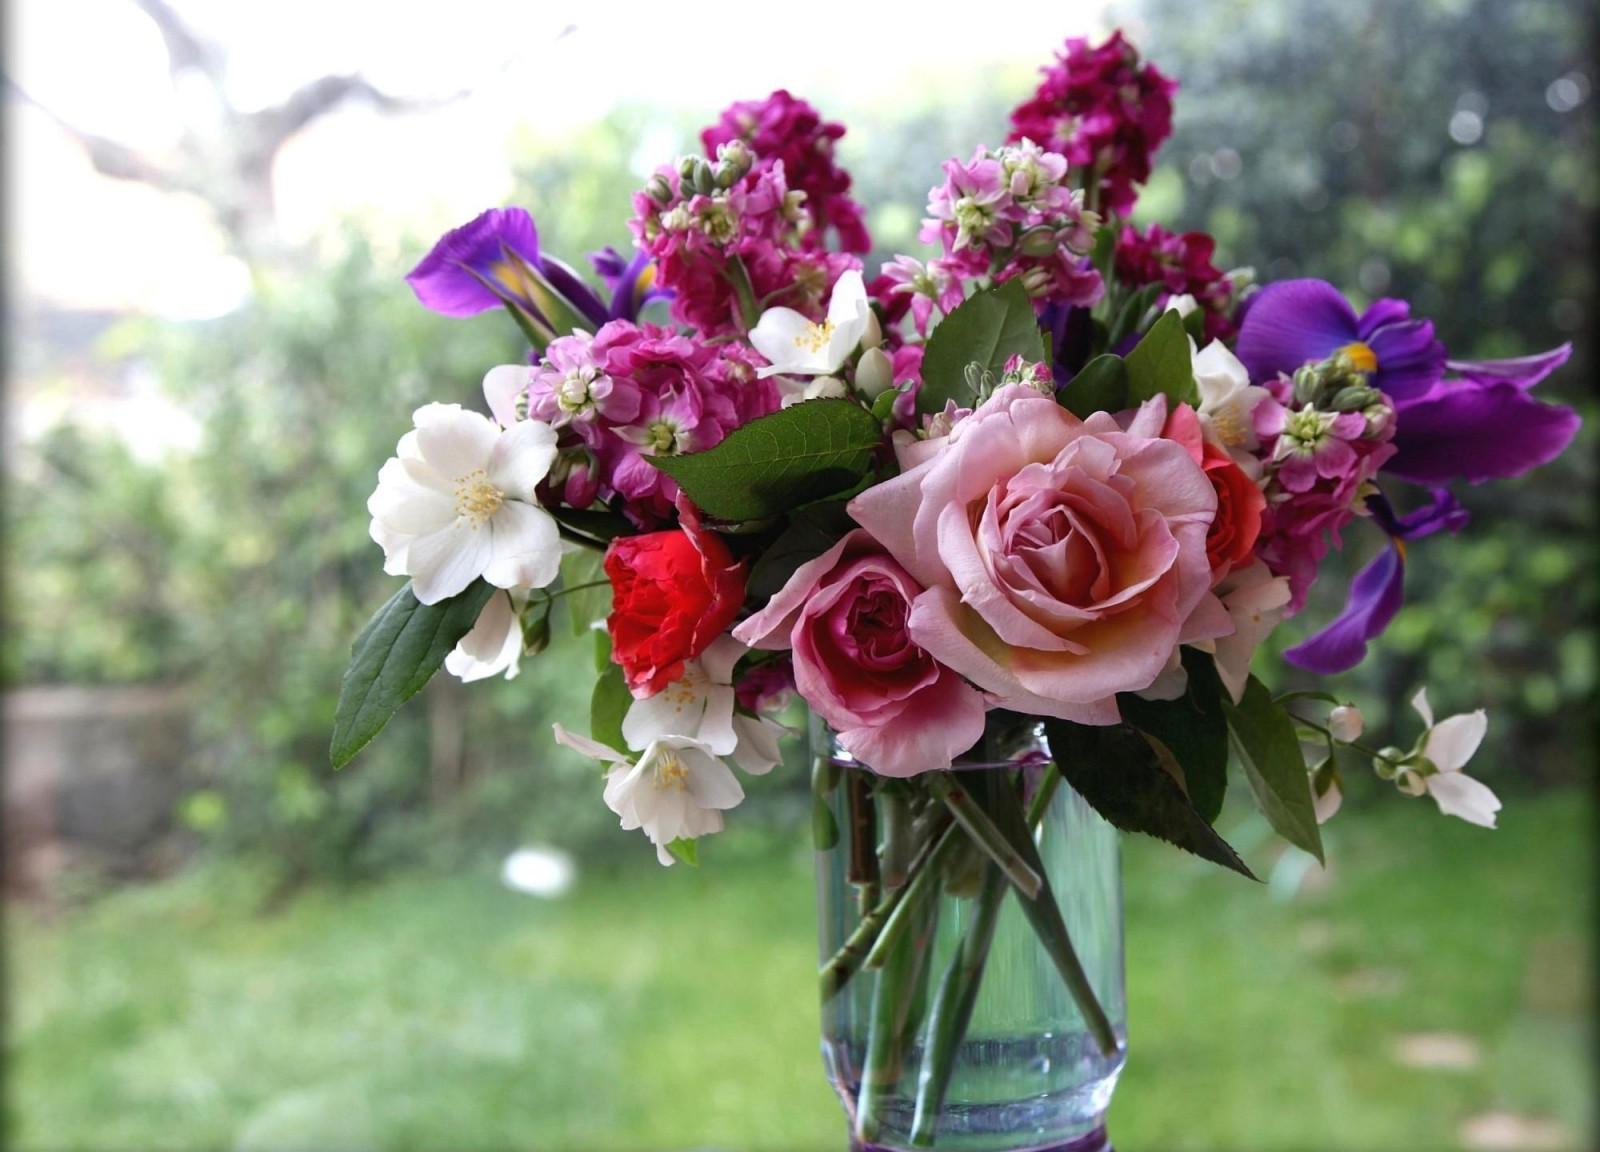 день рождения цветы в вазе картинки кольцо обеих